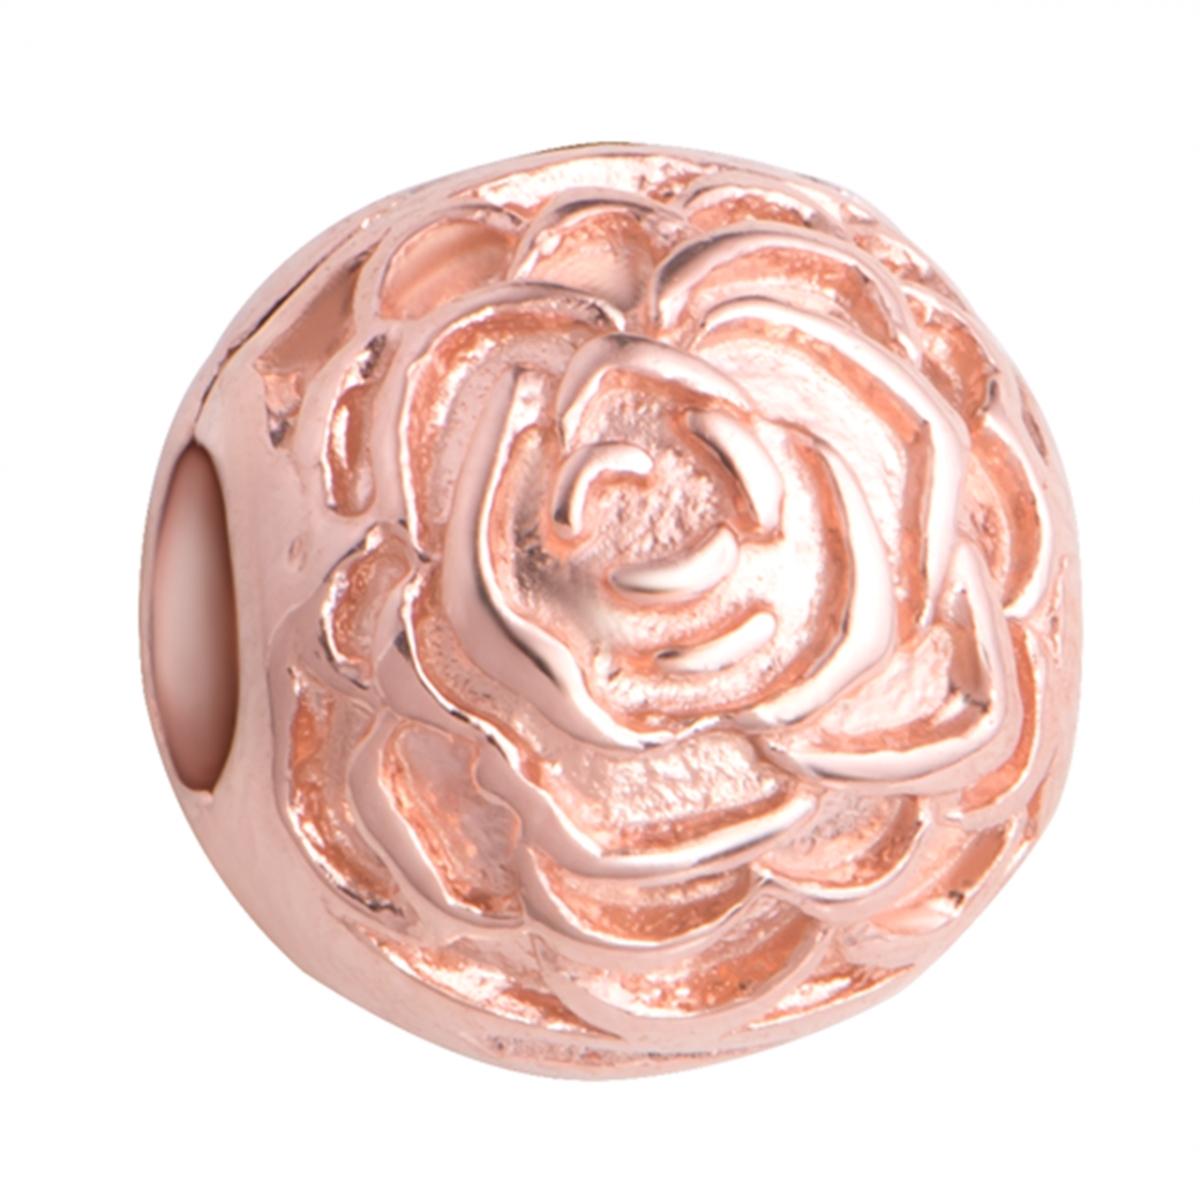 Hạt charm DIY PNJSilver hình bông hoa hồng 13654.000 - 3822017 , SINIKK13654_000 , 274_SINIKK13654_000 , 39000000 , Hat-charm-DIY-PNJSilver-hinh-bong-hoa-hong-13654.000-274_SINIKK13654_000 , pnj.com.vn , Hạt charm DIY PNJSilver hình bông hoa hồng 13654.000